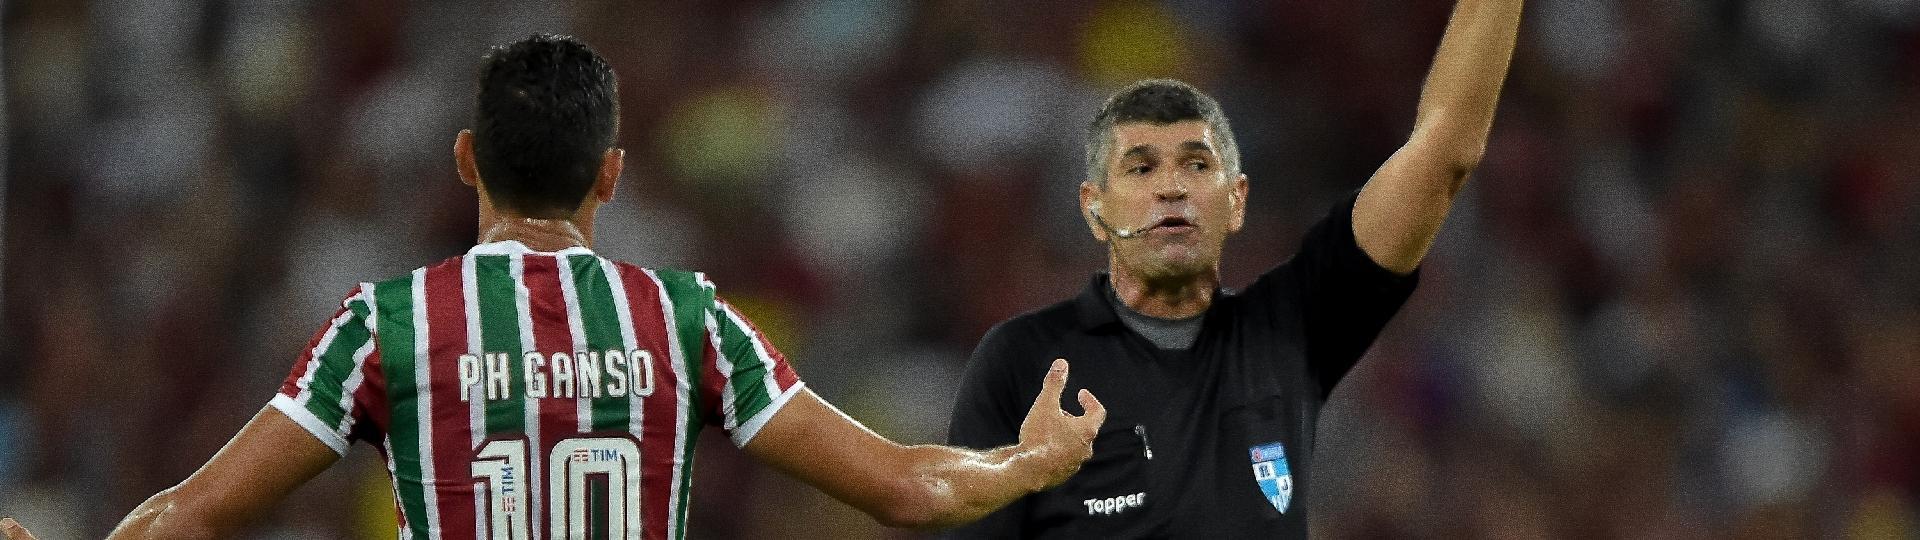 PH Ganso reclama com a arbitragem durante partida do Fluminense contra o Flamengo